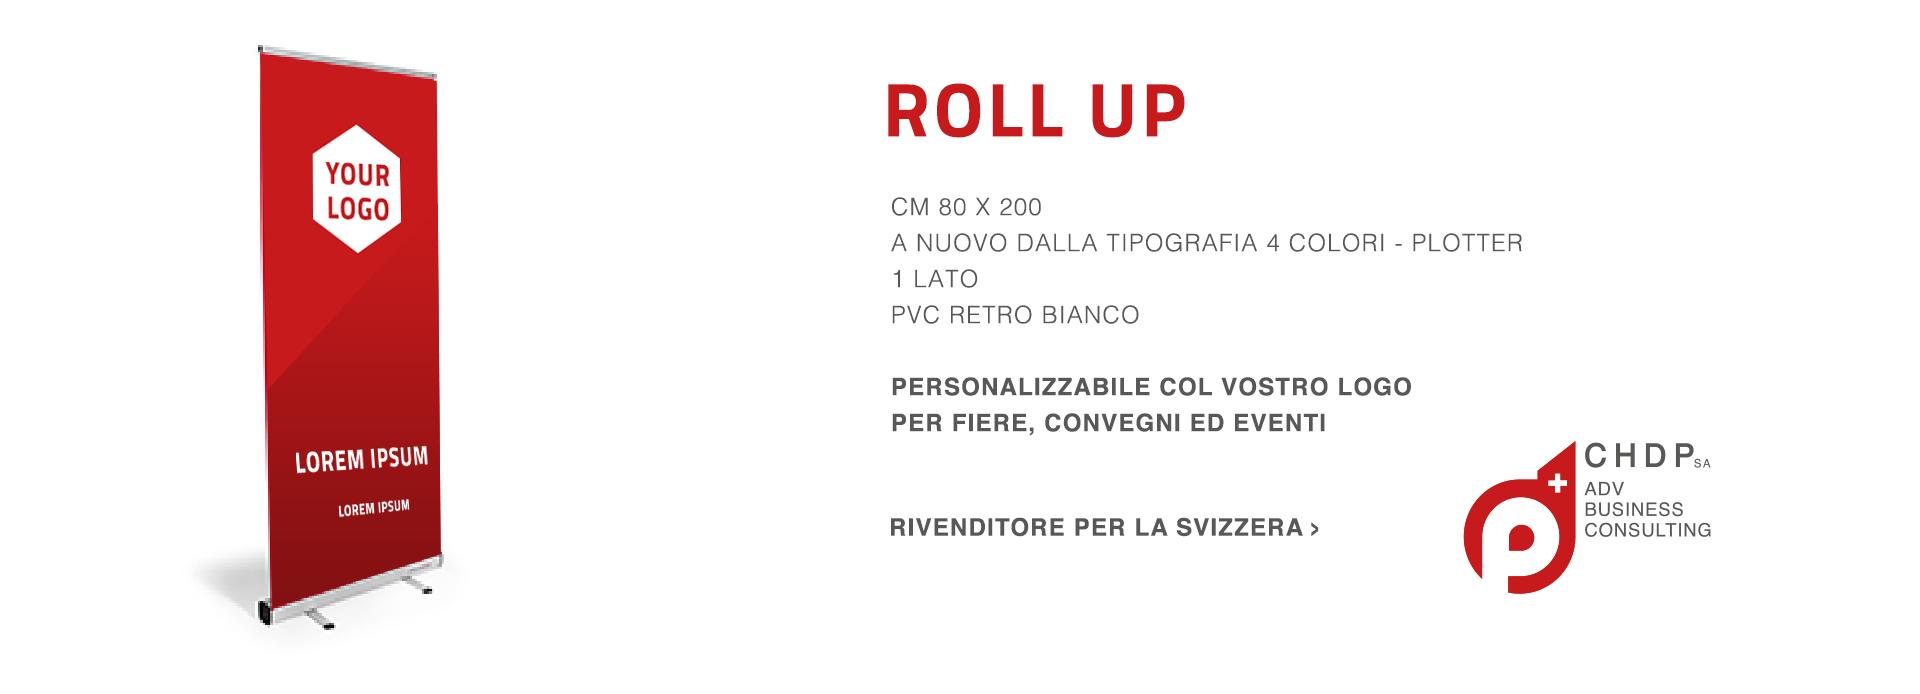 Roll Up personalizzabili per la tua azienda in Svizzera